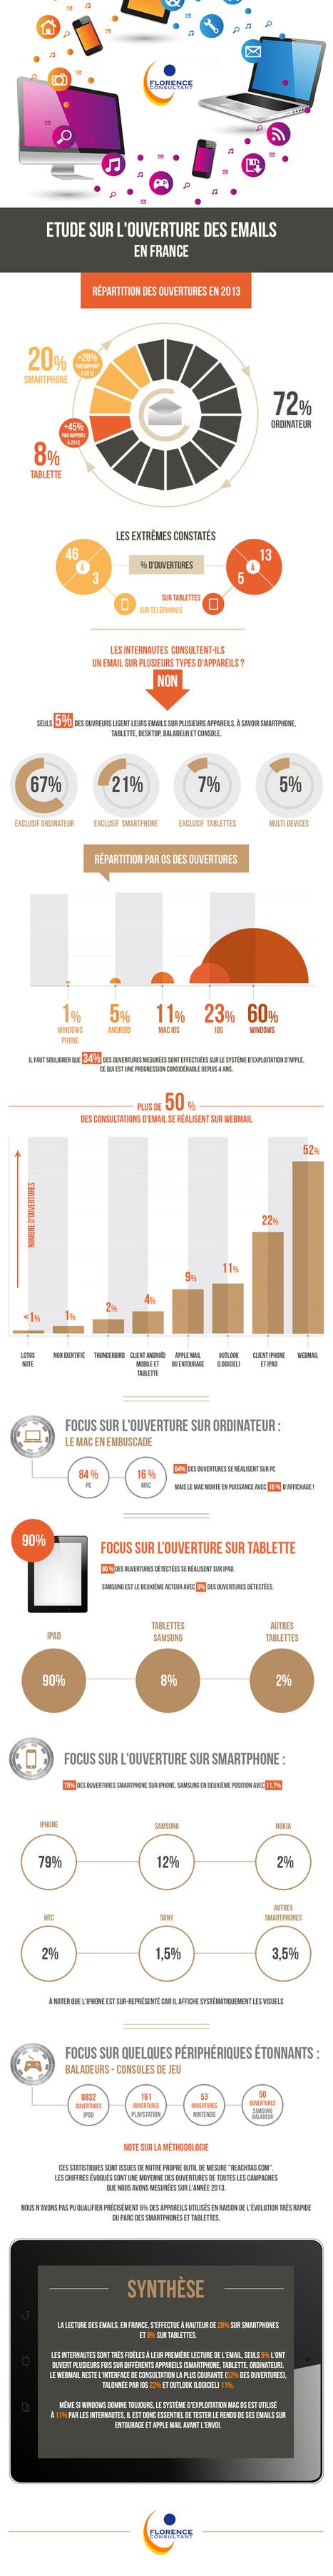 Emailing | L'ouverture des emails en France en 2013 - Etude Reachtag | Webmarketing infographics - La French Touch digitale en images | Scoop.it